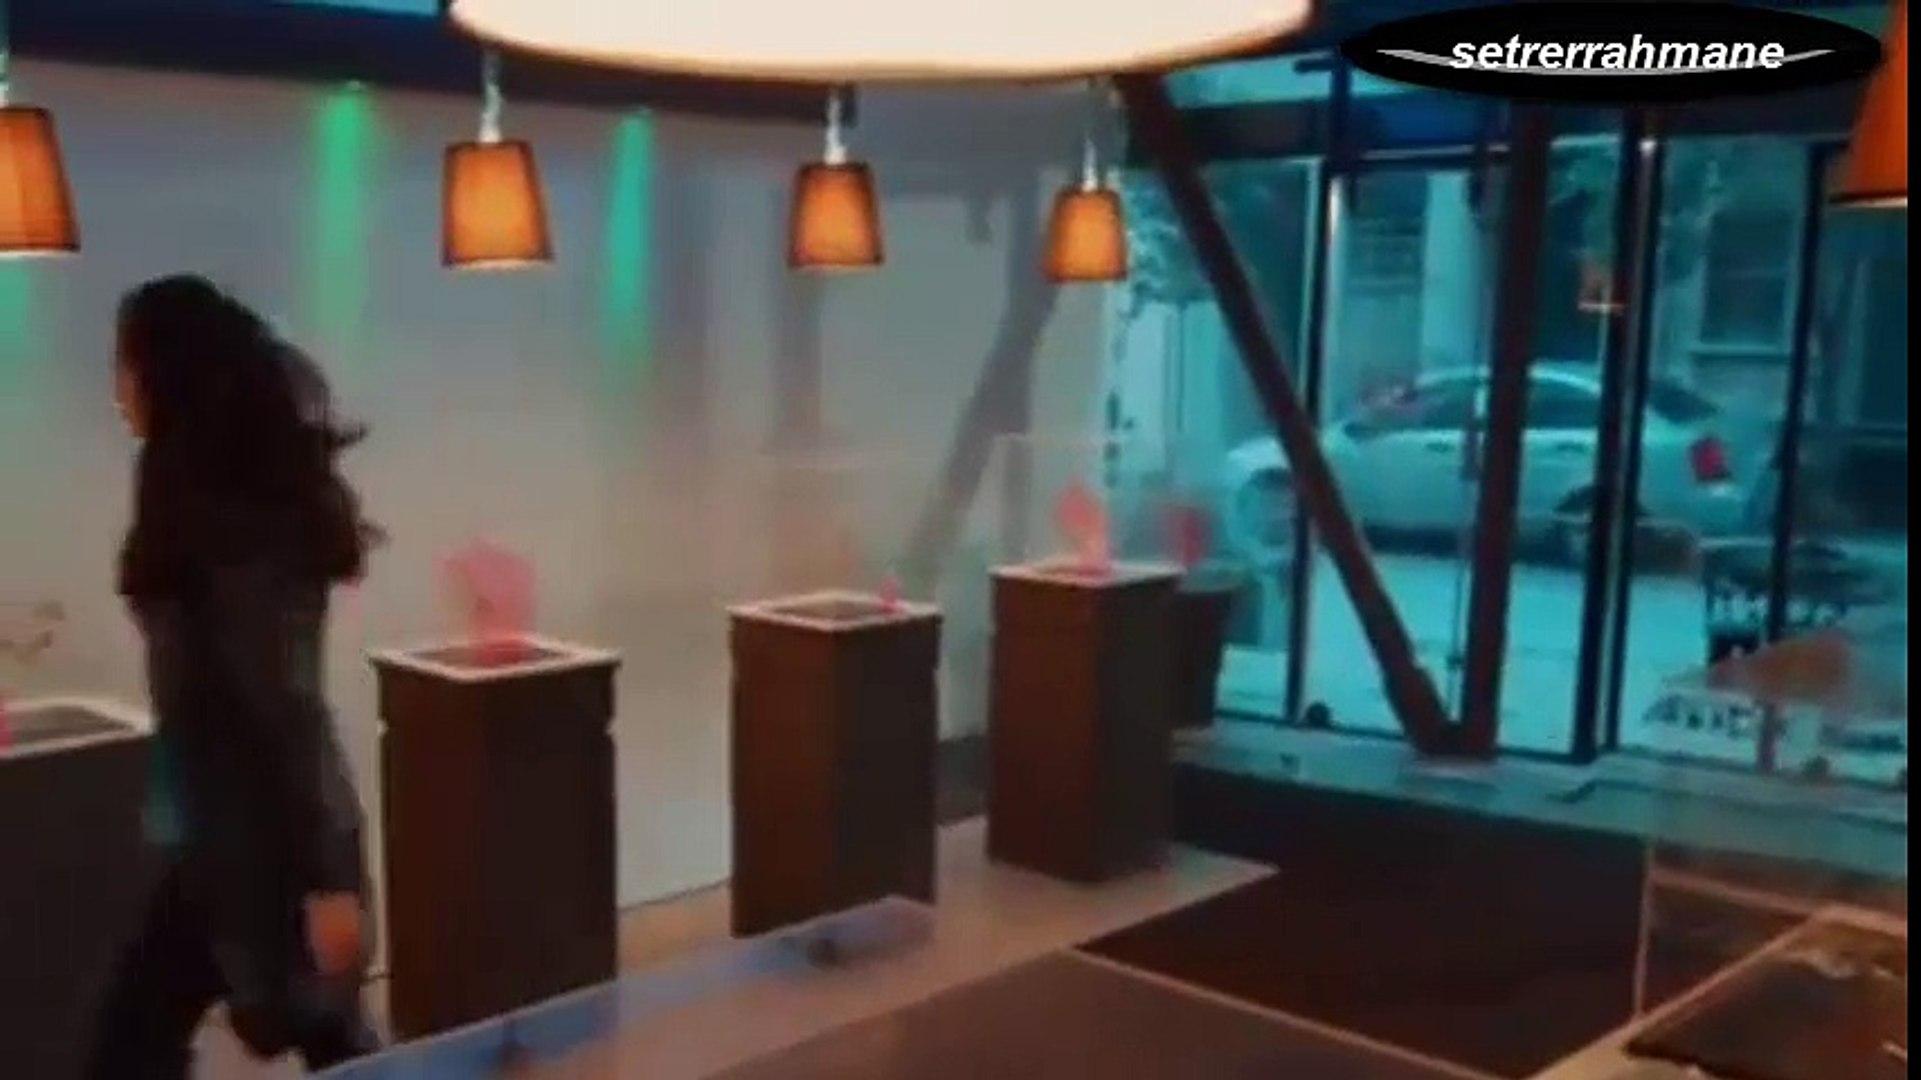 مسلسل العشق الاسود الجزء الأول مدبلج - الحلقة 4